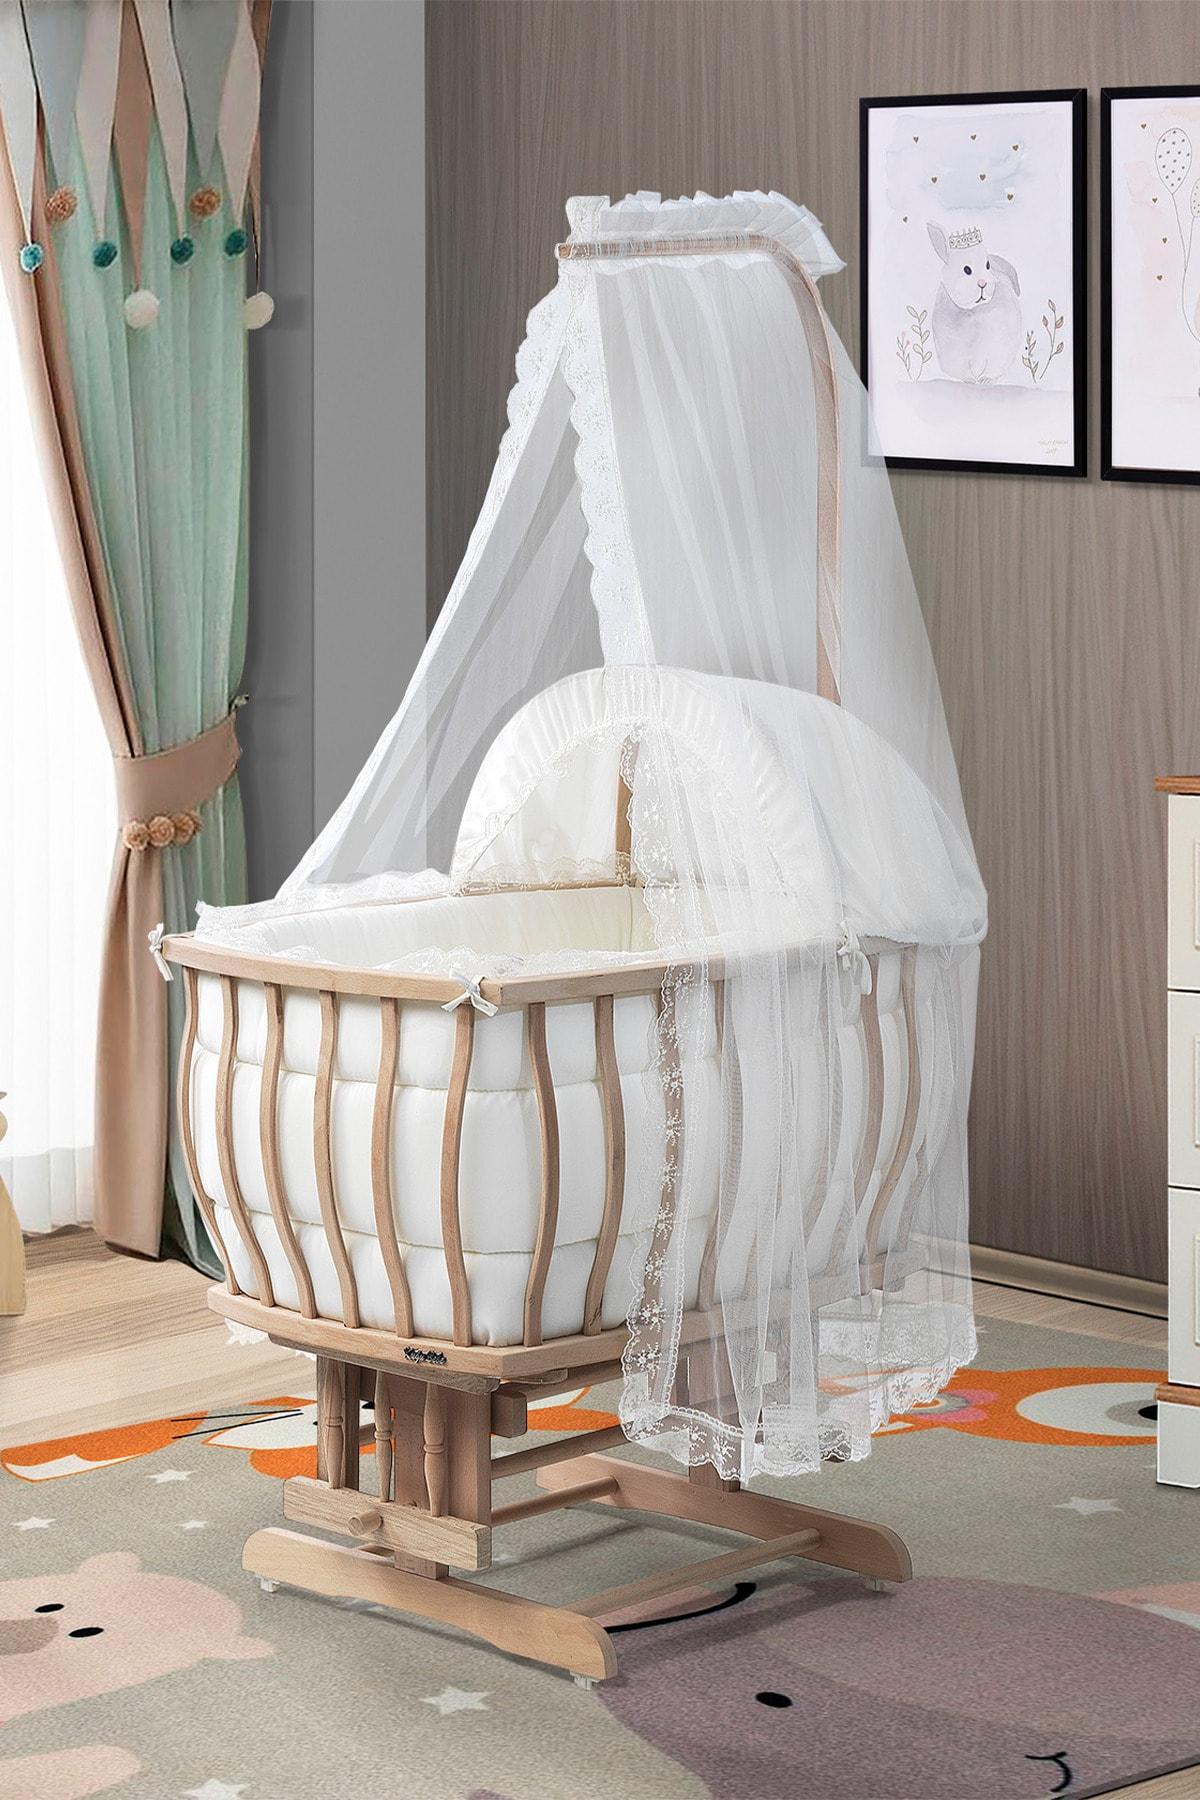 Portable bébé berceau enfant lit couette oreiller moustiquaire chaise berçante couffin balançoire Mini berceau hamac panier côté meubles outil